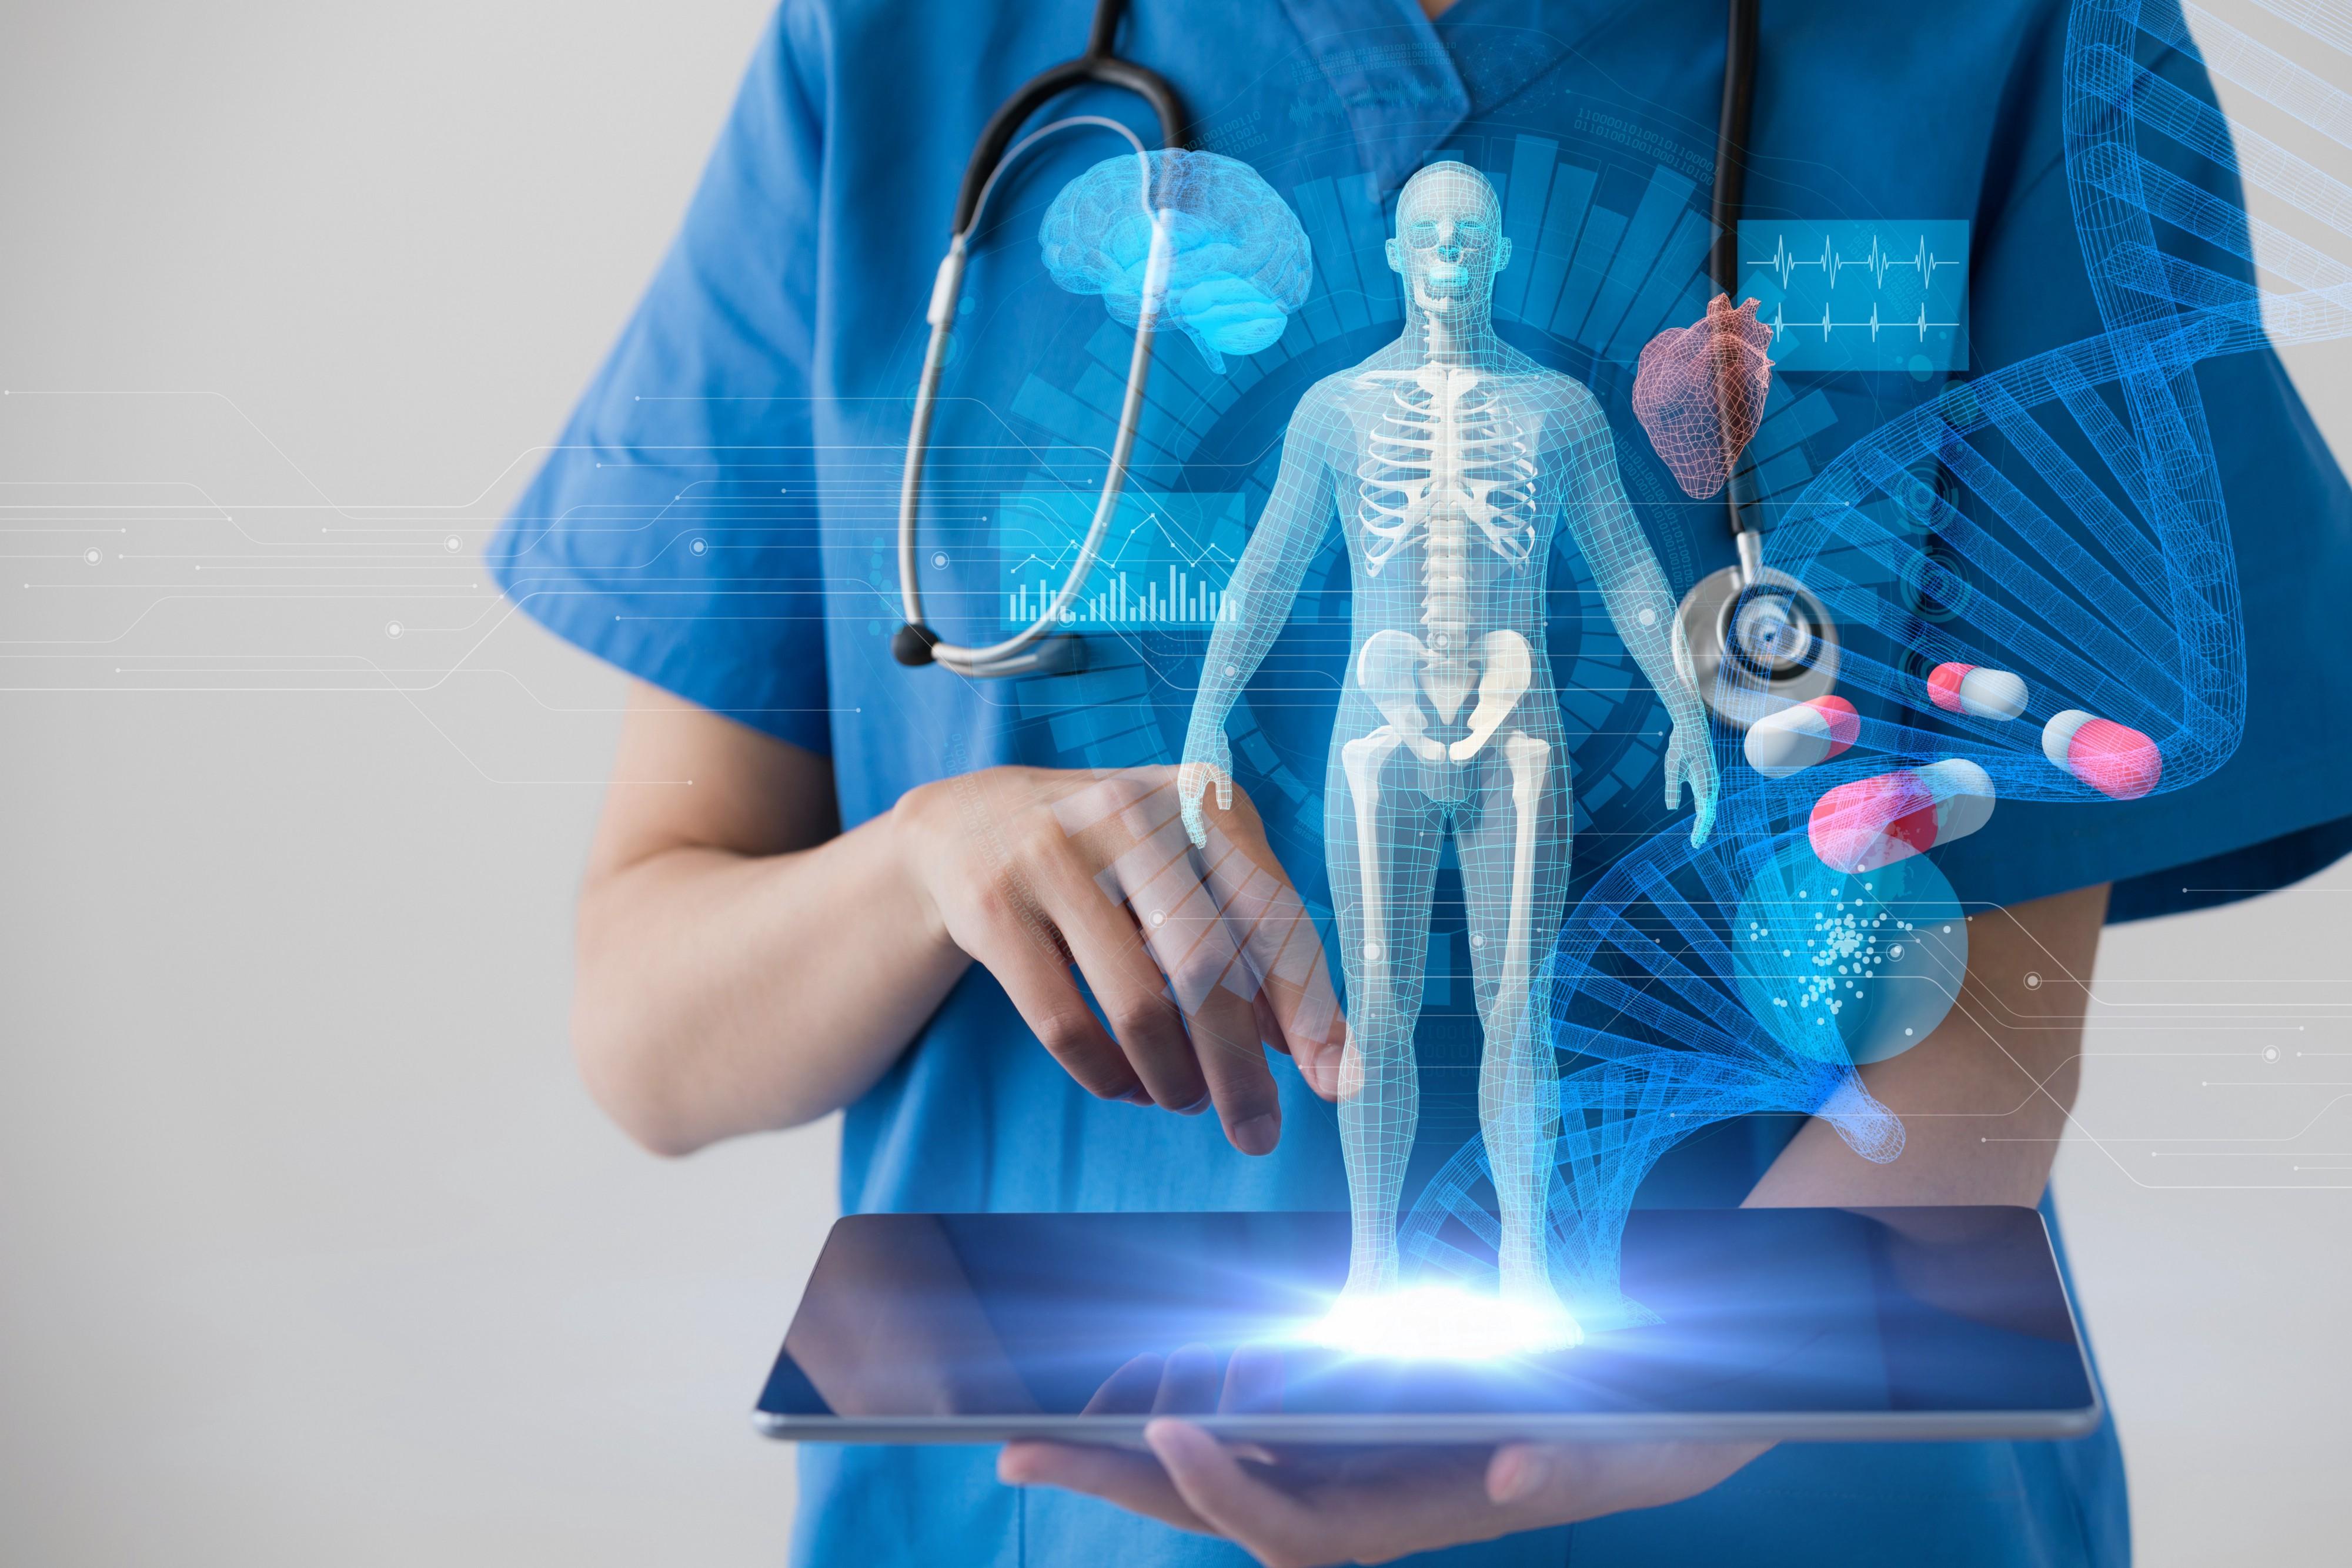 Inteligência artificial na saúde: Por que sua clínica deve começar a utilizar?